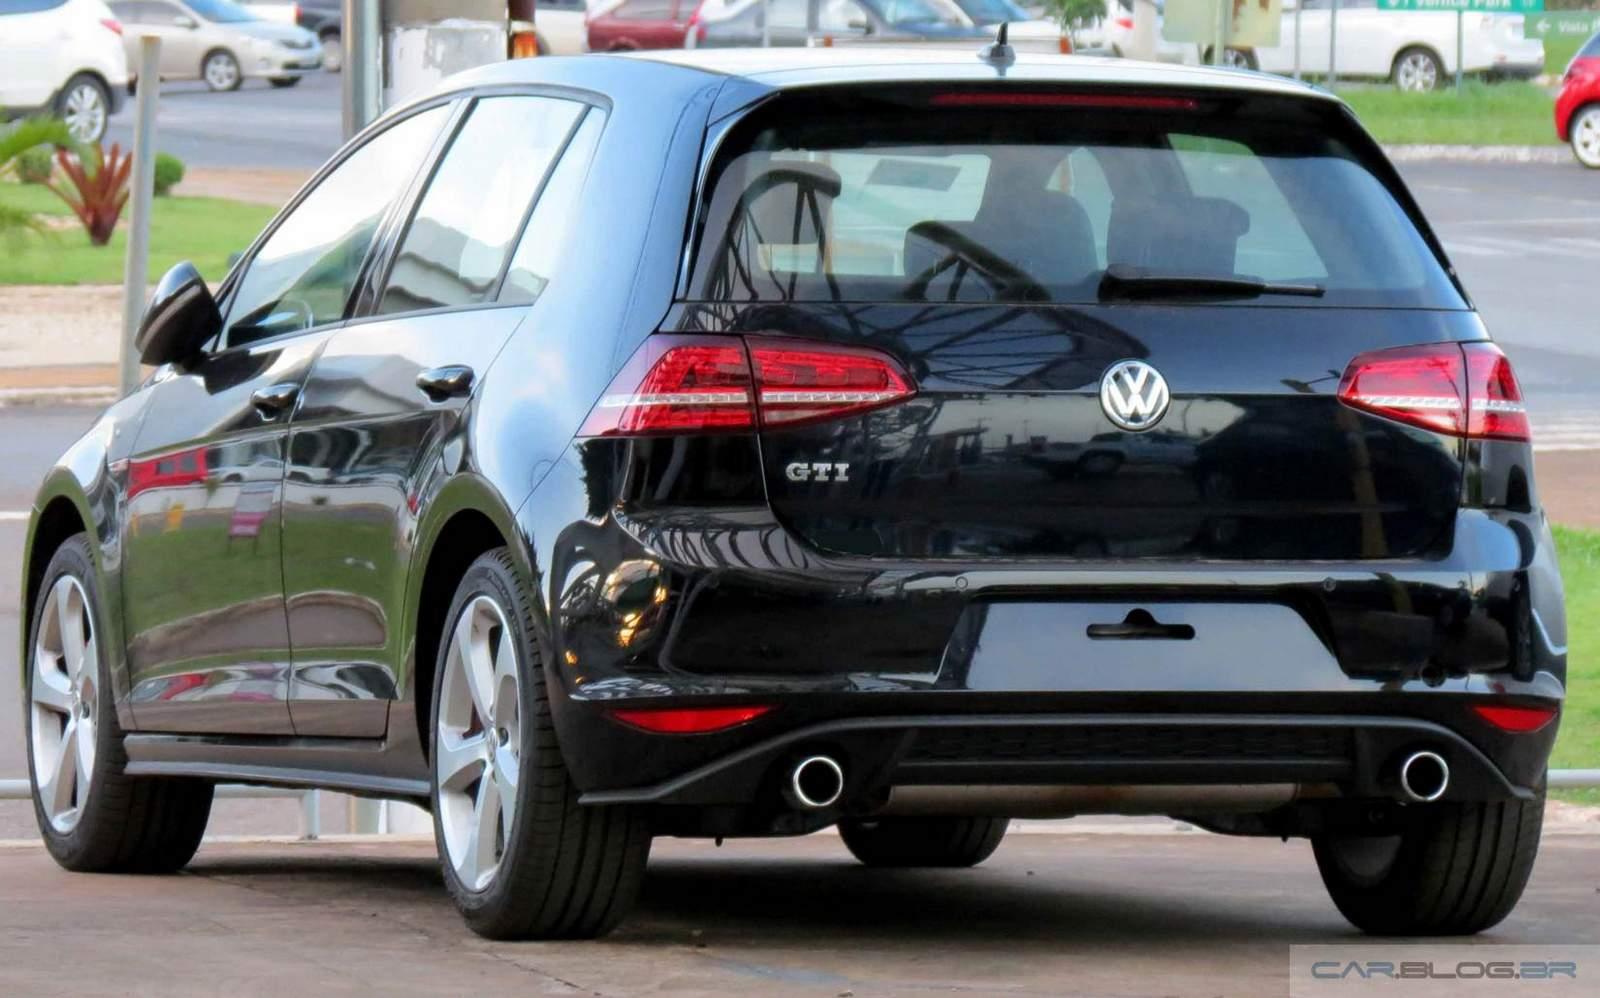 VW Golf GTI 2015 - carro 0KM mais desejado pelo consumidor